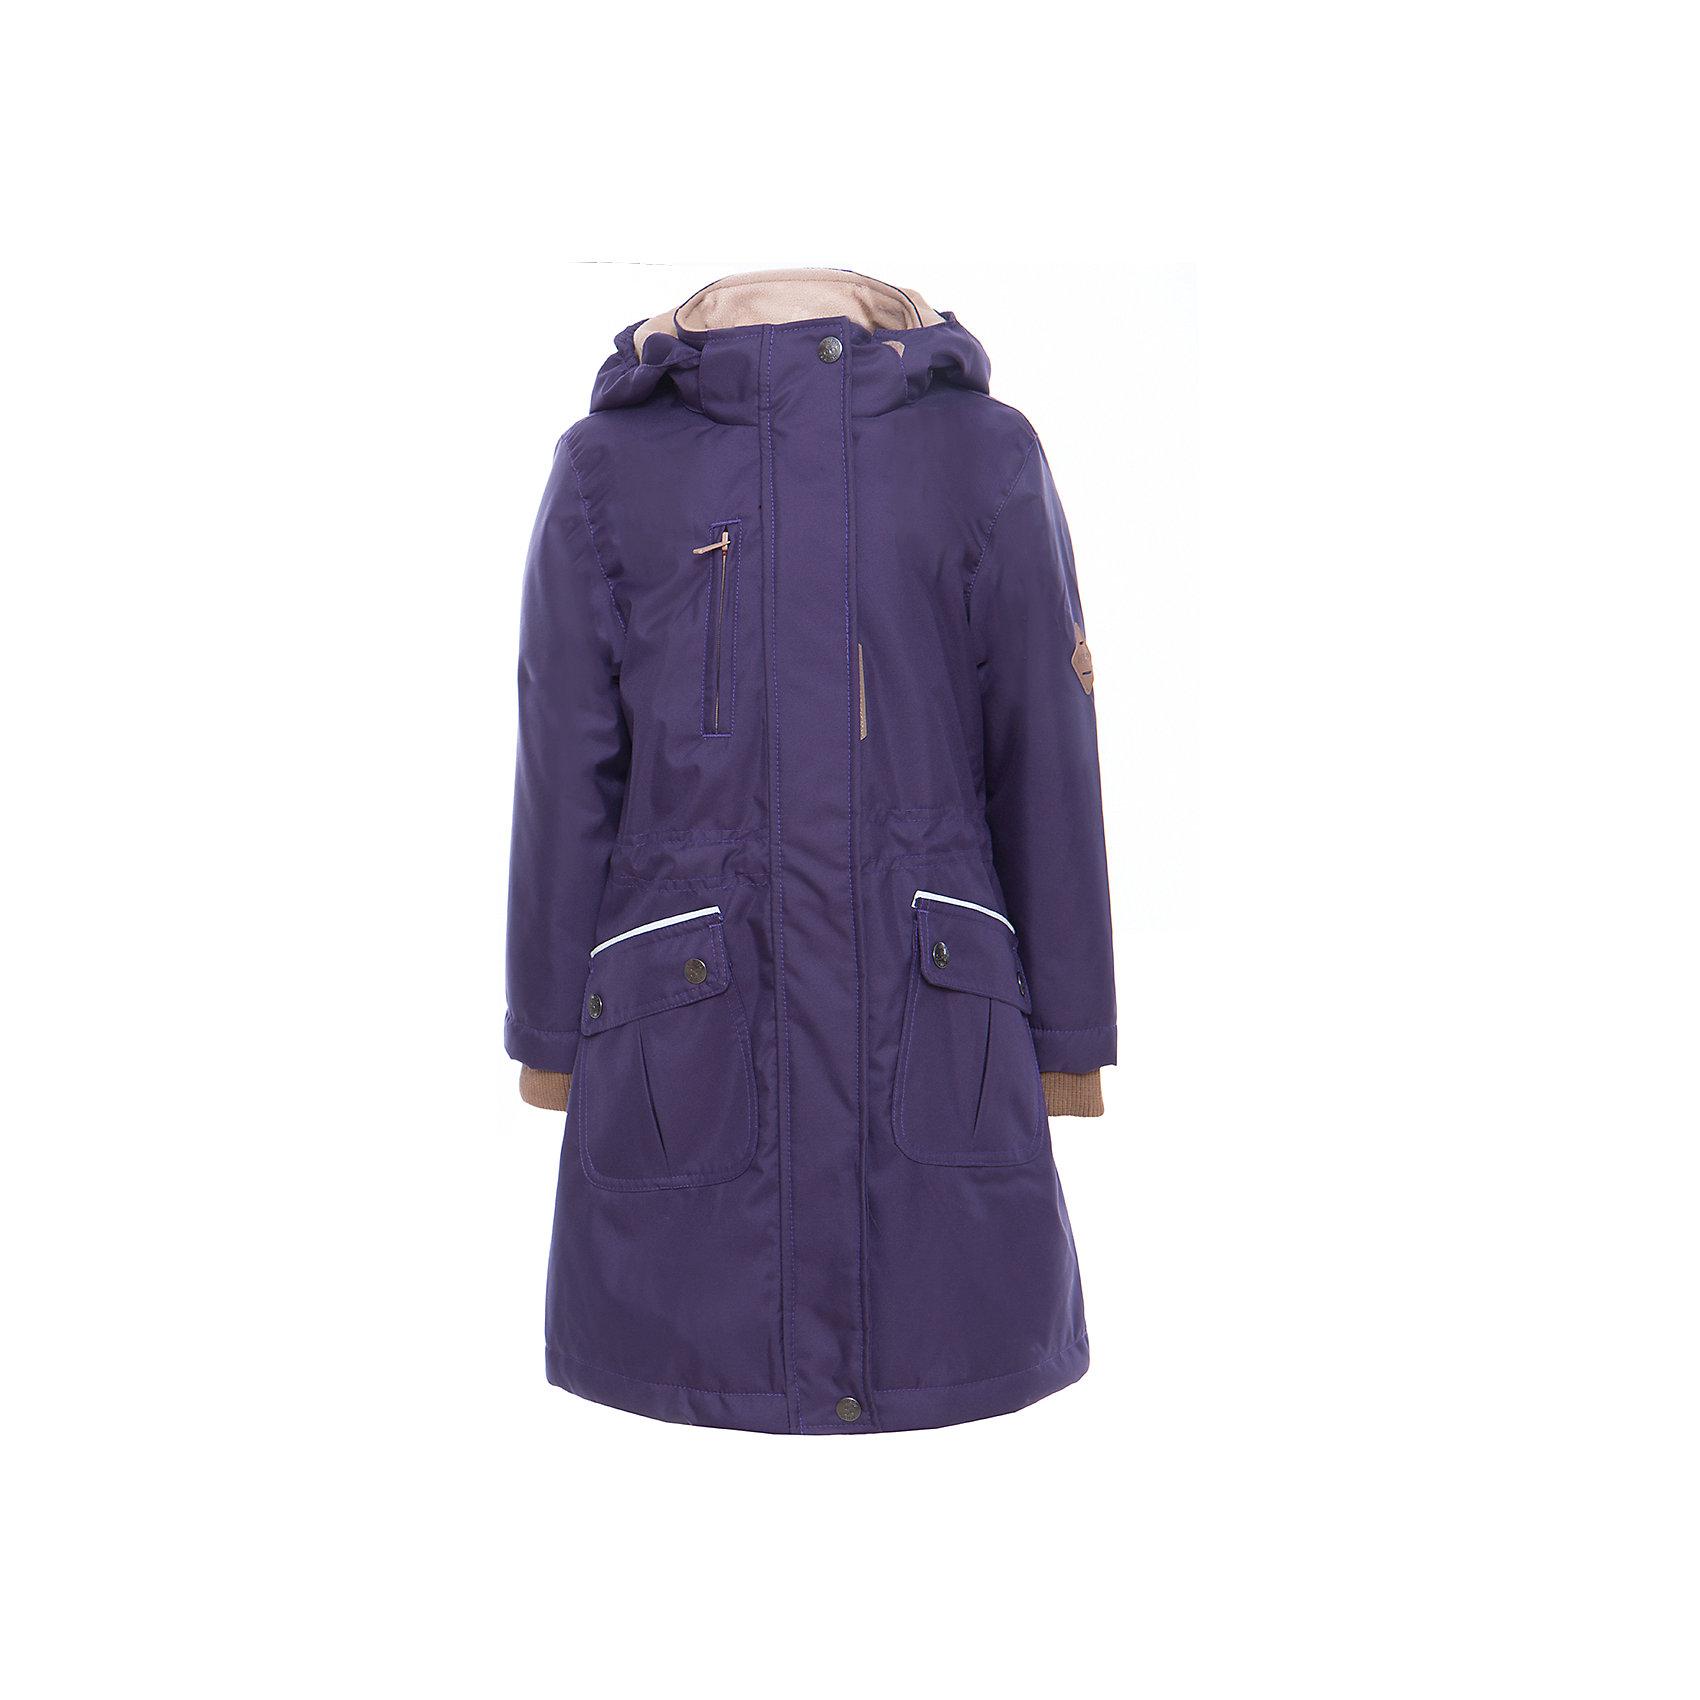 Куртка для девочки MOONI HuppaВерхняя одежда<br>Характеристики товара:<br><br>• цвет: фиолетовый<br>• ткань: 100% полиэстер<br>• подкладка: тафта- 100% полиэстер<br>• утеплитель: 100% полиэстер 100 г<br>• температурный режим: от -5°С до +10°С<br>• водонепроницаемость: 10000 мм<br>• воздухопроницаемость: 10000 мм<br>• светоотражающие детали<br>• внутренние вязанные манжеты<br>• плечевые швы проклеены<br>• эластичный шнур + фиксатор<br>• съёмный капюшон с резинкой<br>• карманы на молнии<br>• комфортная посадка<br>• коллекция: весна-лето 2017<br>• страна бренда: Эстония<br><br>Такая легкая и стильная куртка обеспечит детям тепло и комфорт. Она сделана из материала, отталкивающего воду, и дополнено подкладкой с утеплителем, поэтому изделие идеально подходит для межсезонья. Материал изделия - с мембранной технологией: защищая от влаги и ветра, он легко выводит лишнюю влагу наружу. Для удобства сделан капюшон. Куртка очень симпатично смотрится, яркая расцветка и крой добавляют ему оригинальности. Модель была разработана специально для детей.<br><br>Одежда и обувь от популярного эстонского бренда Huppa - отличный вариант одеть ребенка можно и комфортно. Вещи, выпускаемые компанией, качественные, продуманные и очень удобные. Для производства изделий используются только безопасные для детей материалы. Продукция от Huppa порадует и детей, и их родителей!<br><br>Куртку для девочки MOONI от бренда Huppa (Хуппа) можно купить в нашем интернет-магазине.<br><br>Ширина мм: 356<br>Глубина мм: 10<br>Высота мм: 245<br>Вес г: 519<br>Цвет: розовый<br>Возраст от месяцев: 36<br>Возраст до месяцев: 48<br>Пол: Женский<br>Возраст: Детский<br>Размер: 104,158,110,116,122,128,134,140,146,152<br>SKU: 5346927